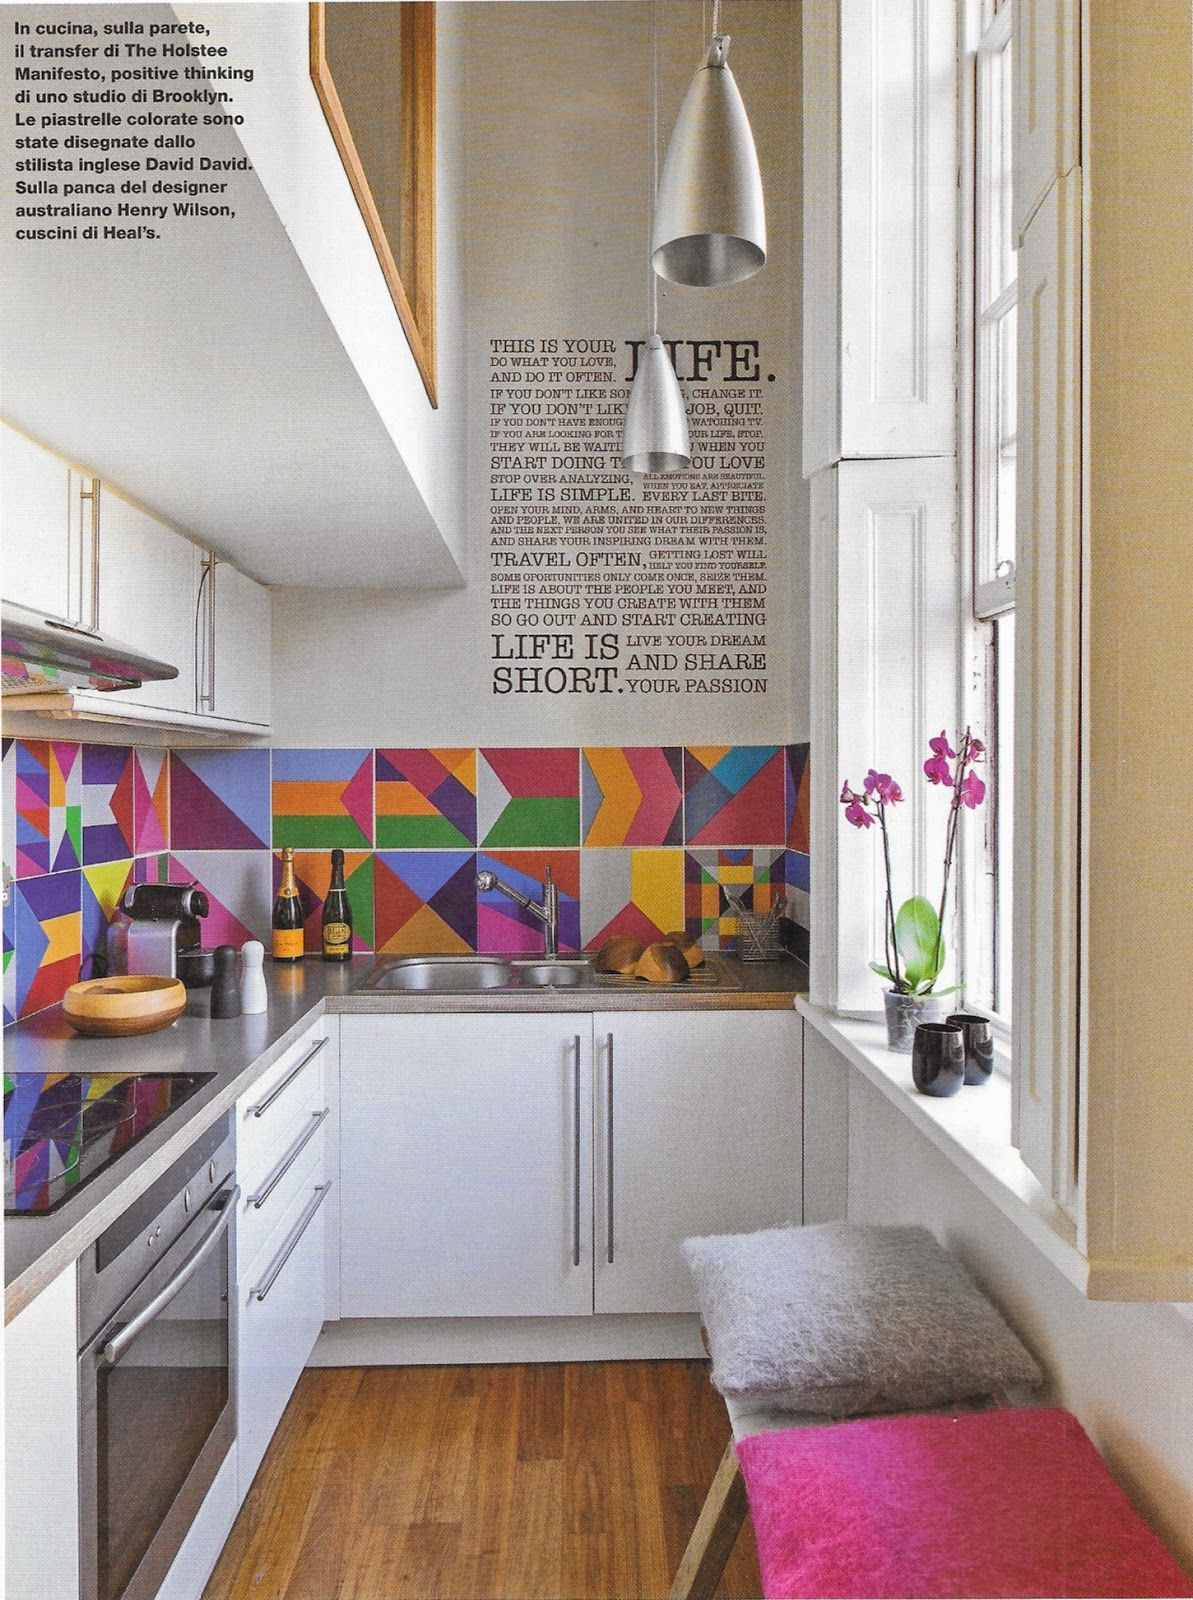 Renovierung von küchenideen deco  greek street  we love colours  fohlenweg berlin